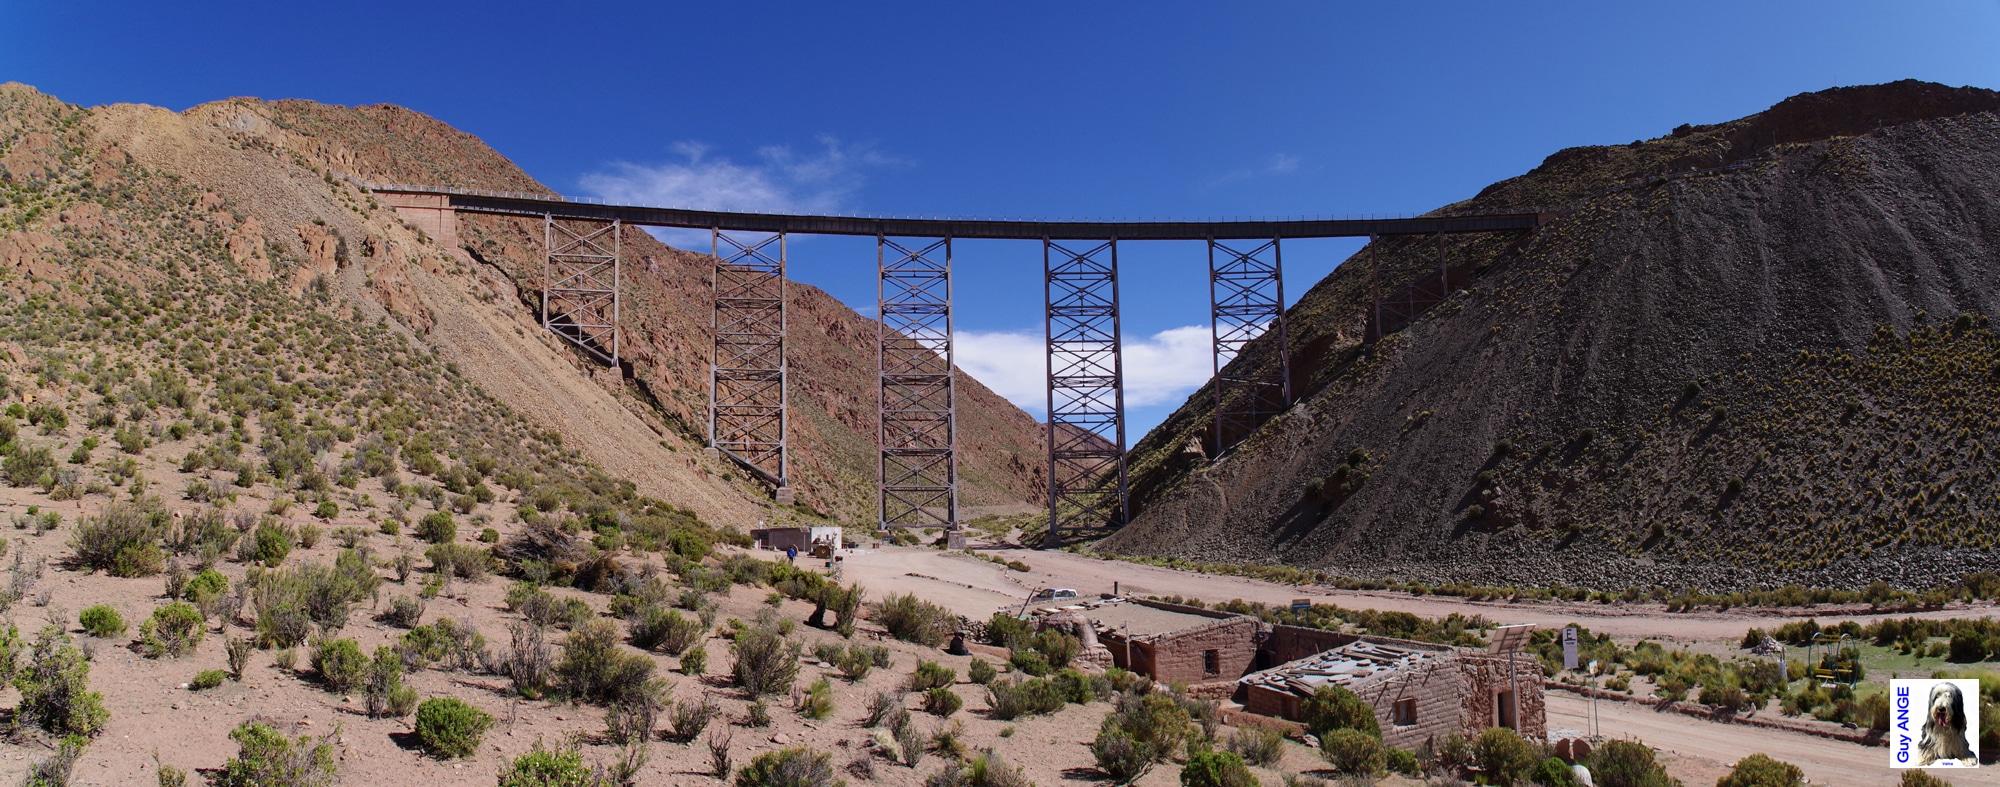 Argentine, région de la Puna, Viaduc Polvorilla.